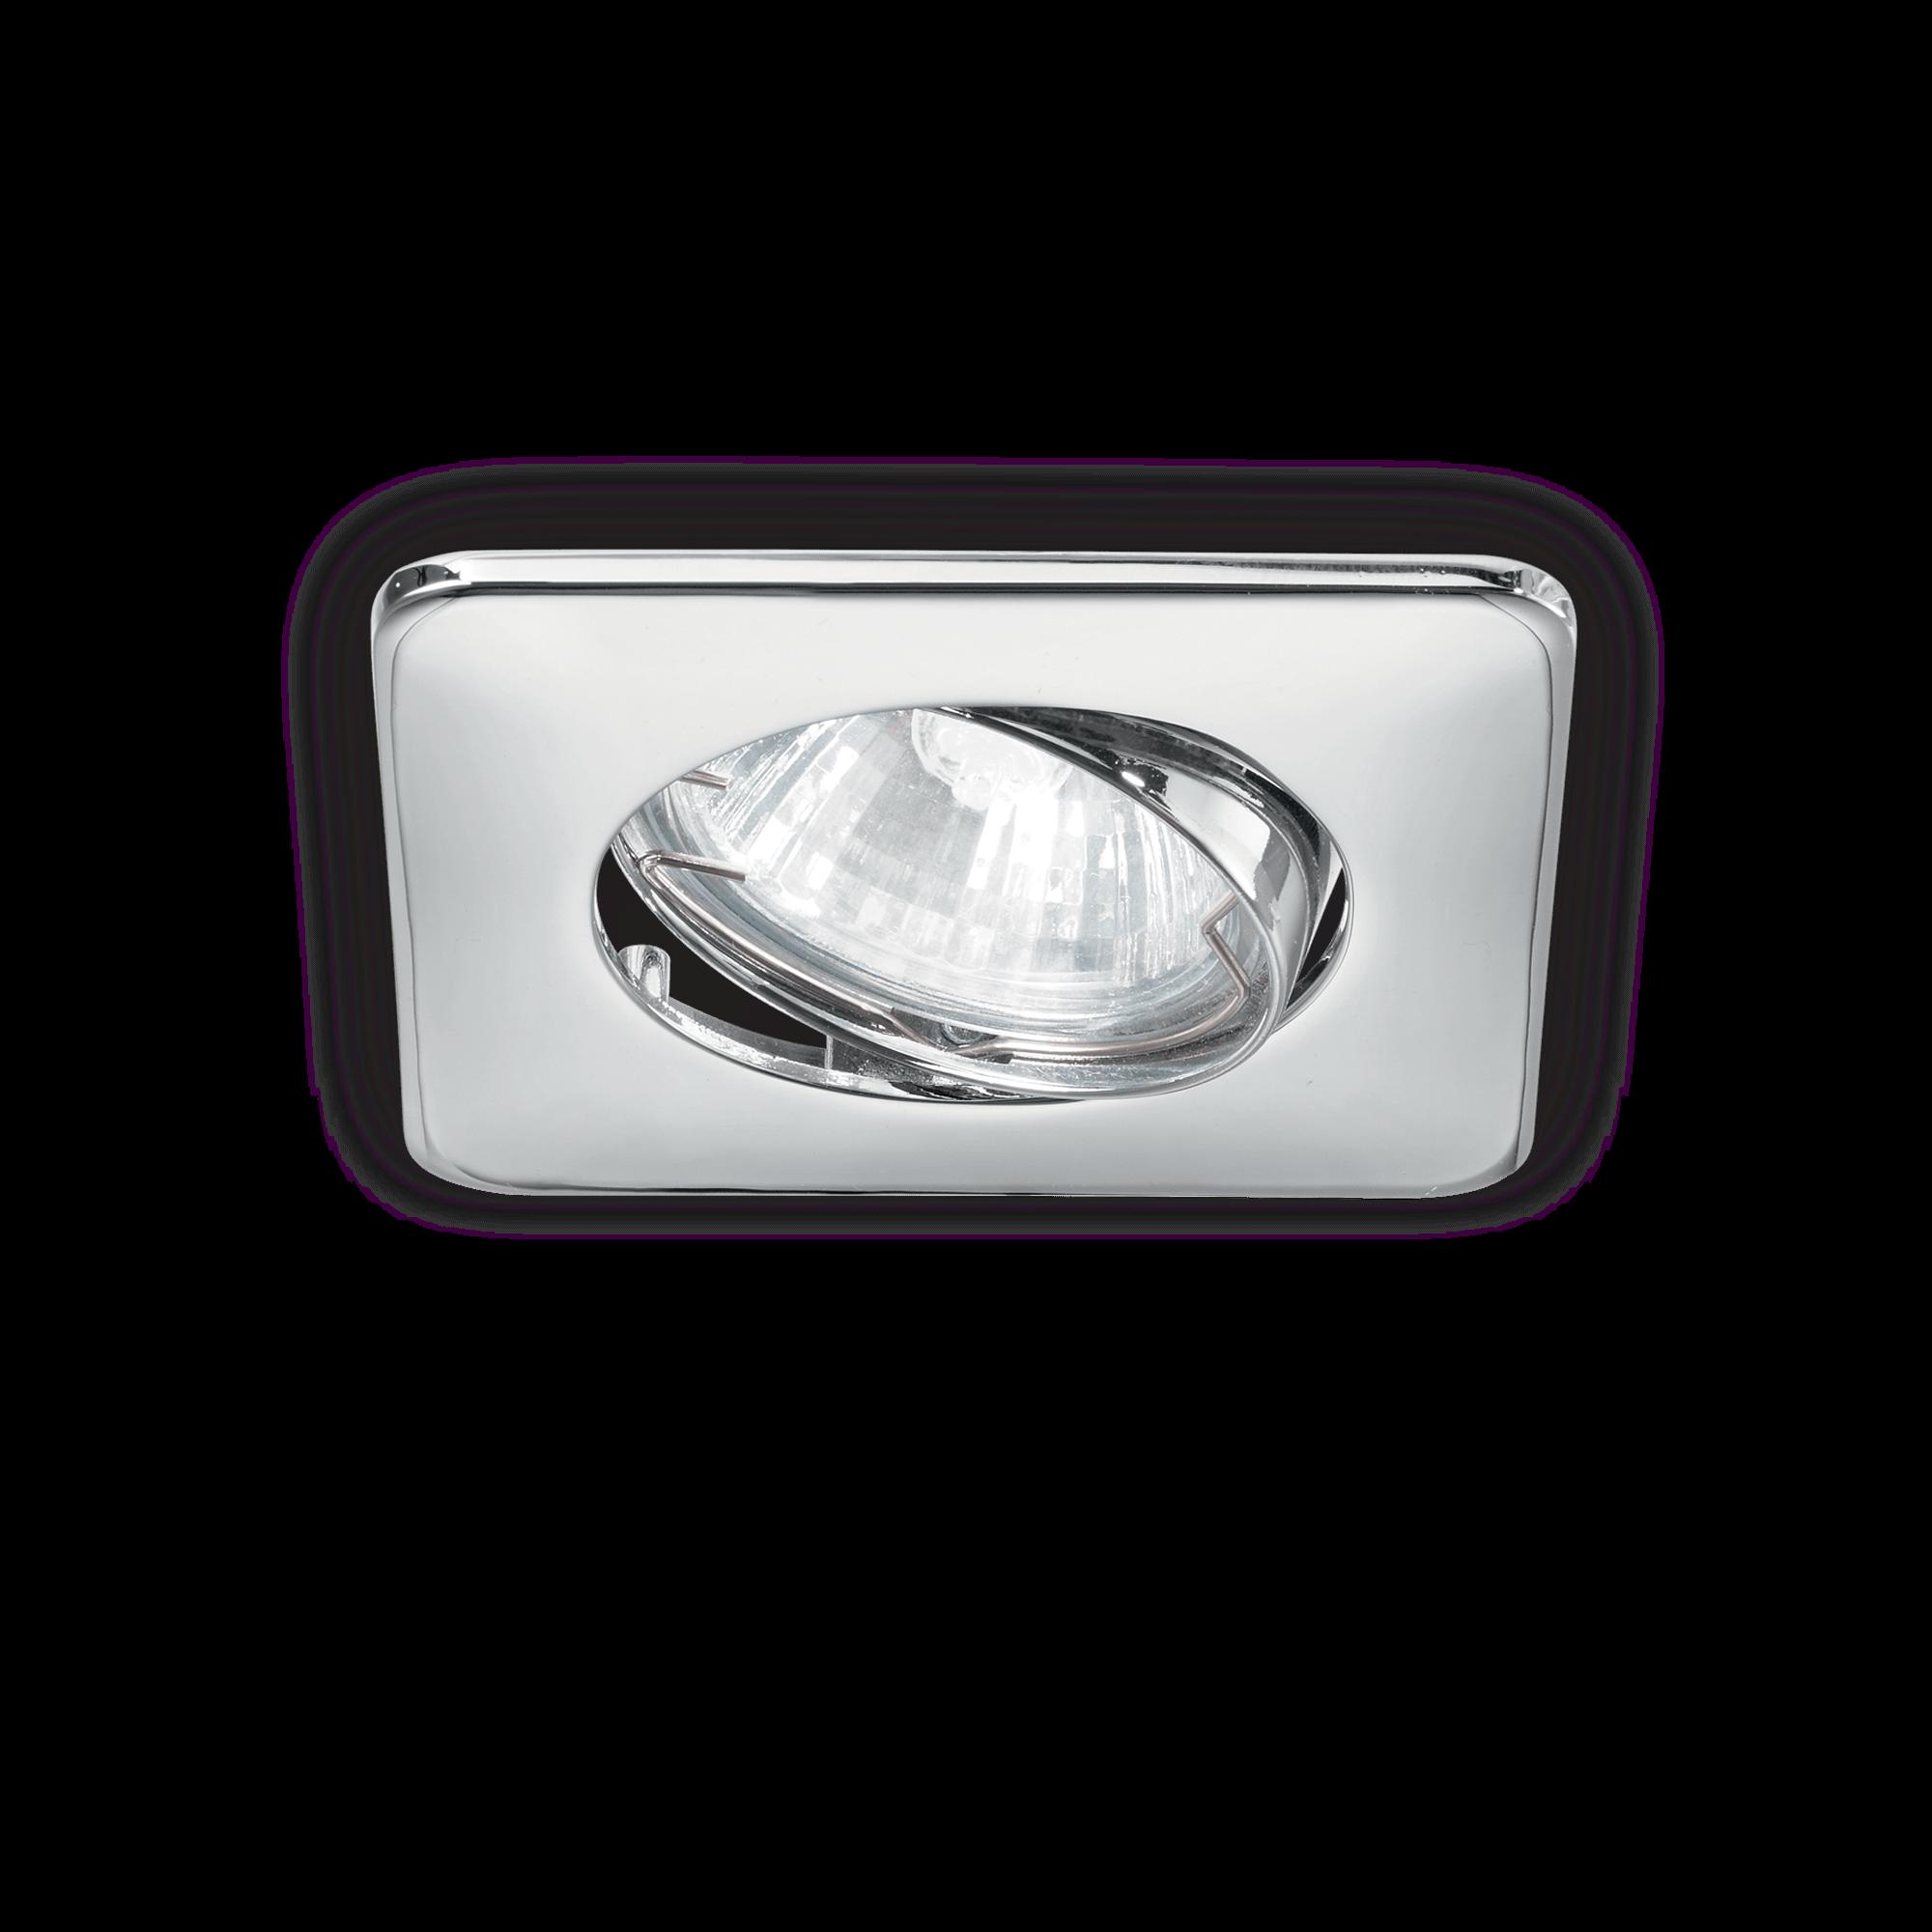 Ideal Lux 138985 LOUNGE FI1 CROMO beépíthető lámpa